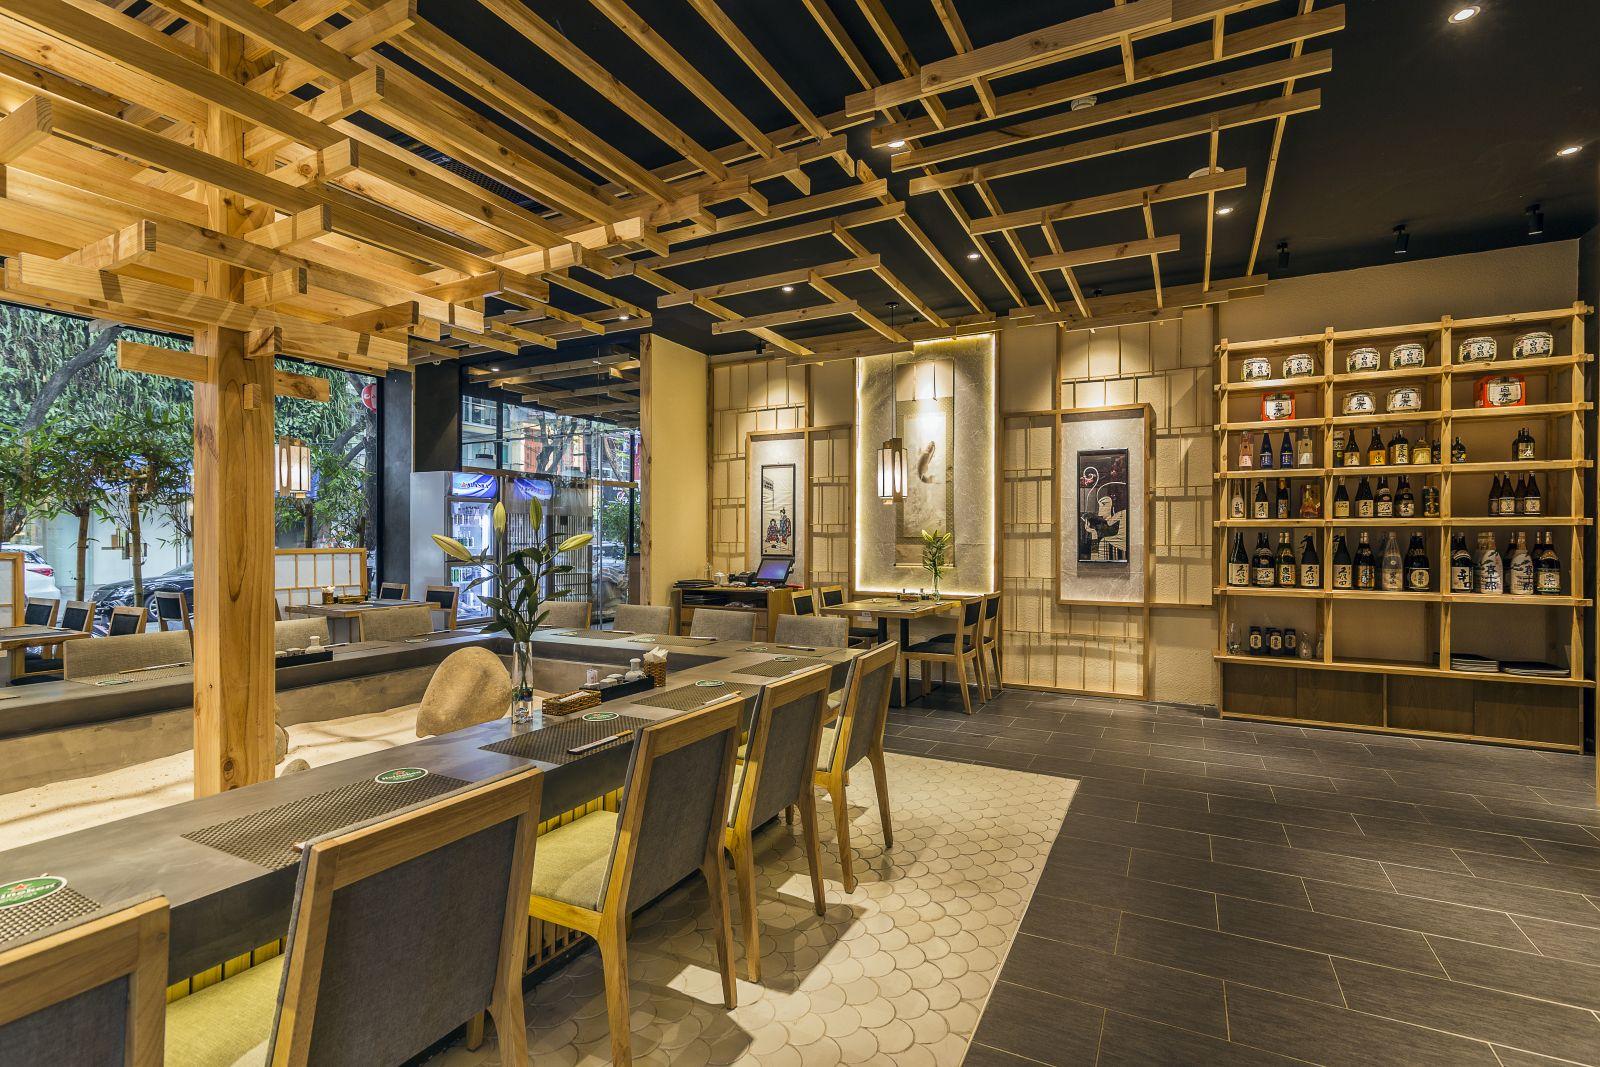 bày trí bàn ghế tại không gian nội thất nhà hàng